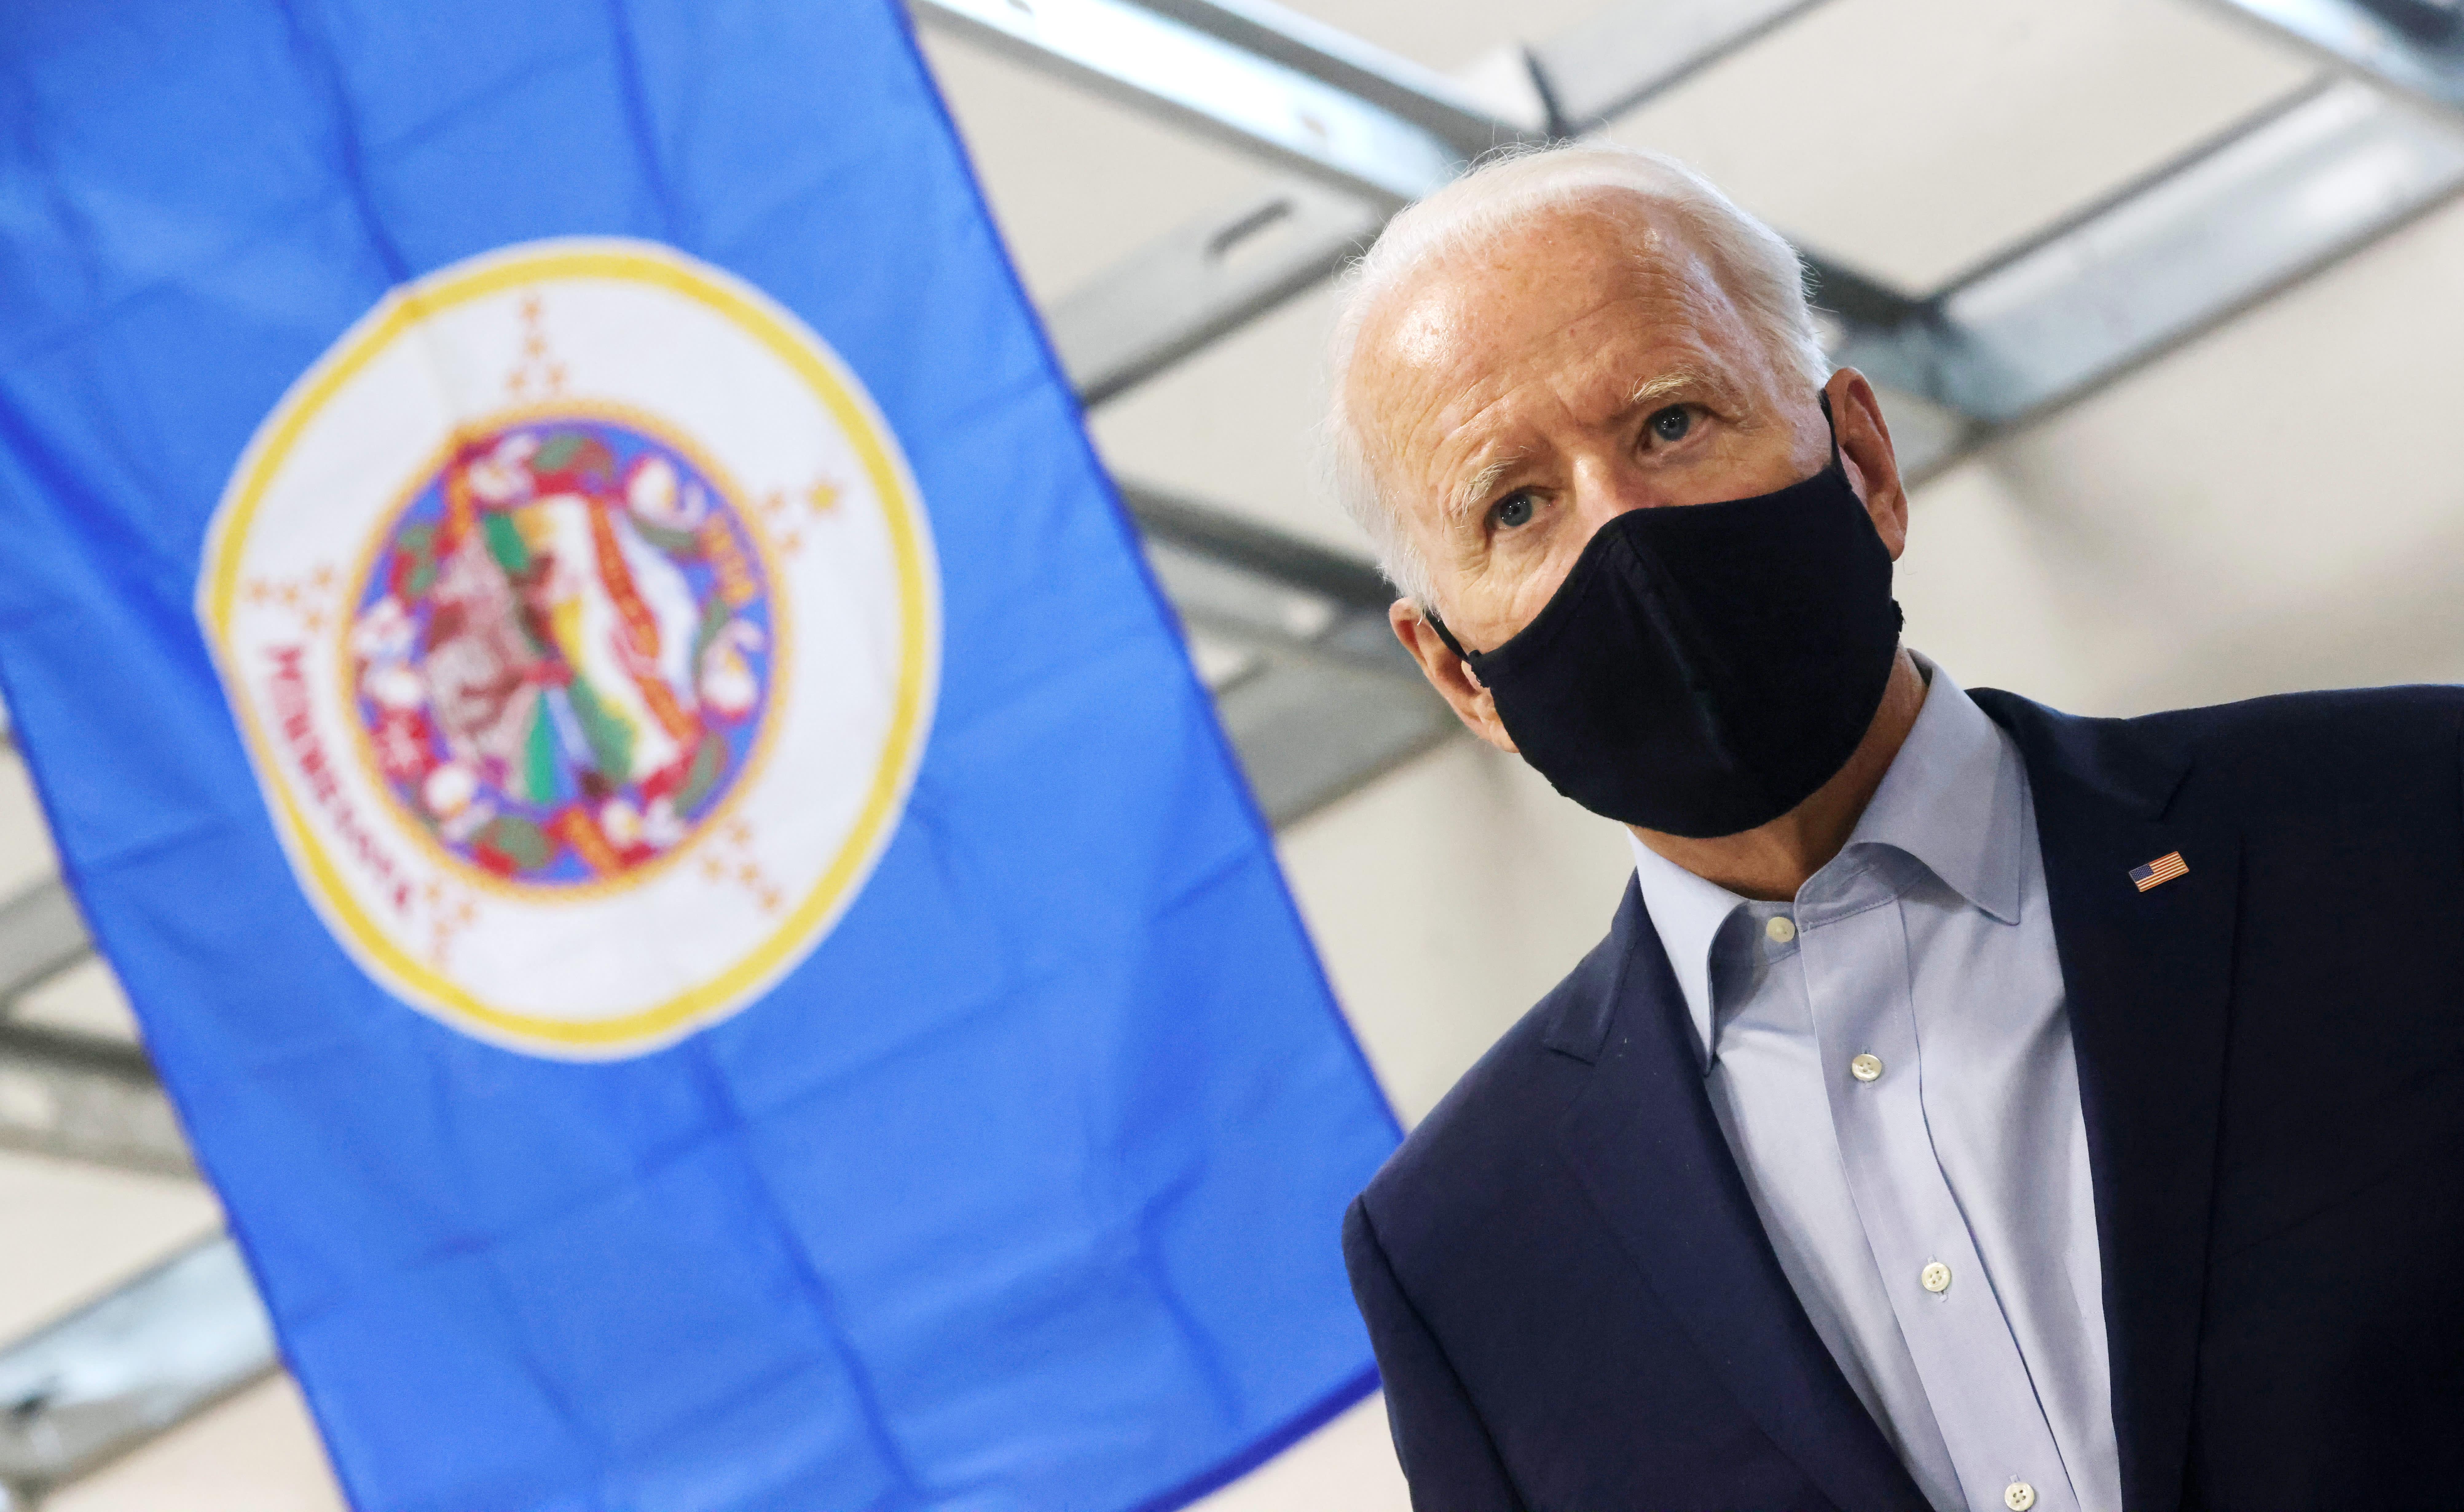 Joe Biden is projected to win Minnesota